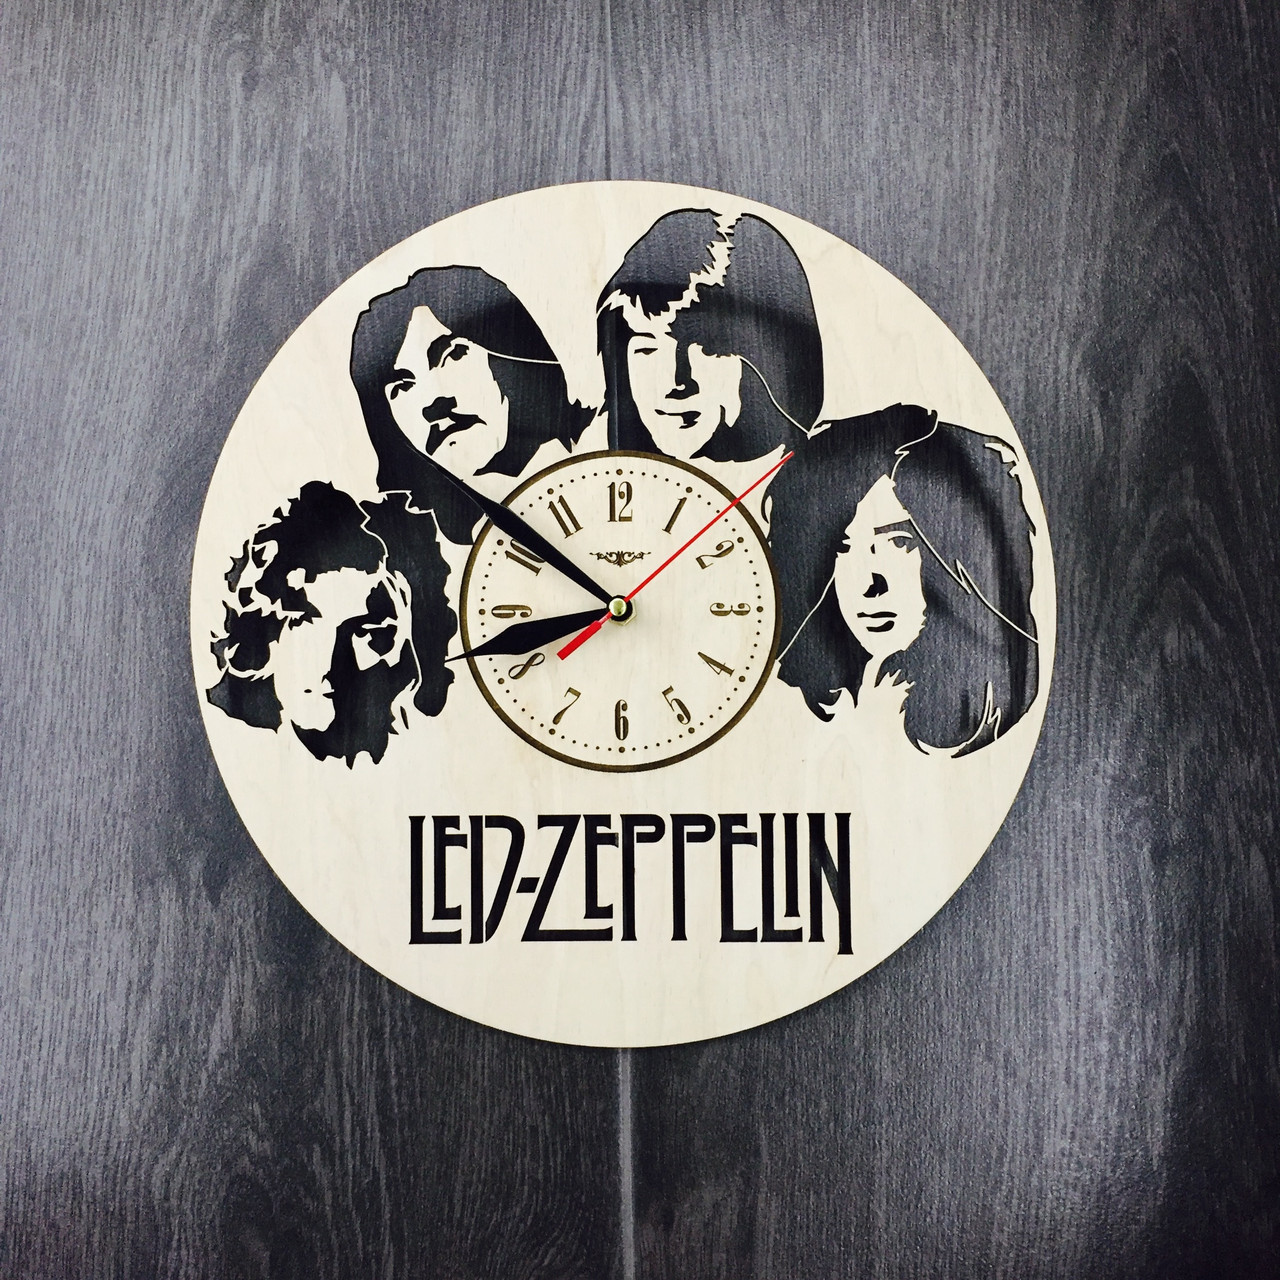 Арт-часы настенные деревянные круглые 7Arts Led Zeppelin CL-0061